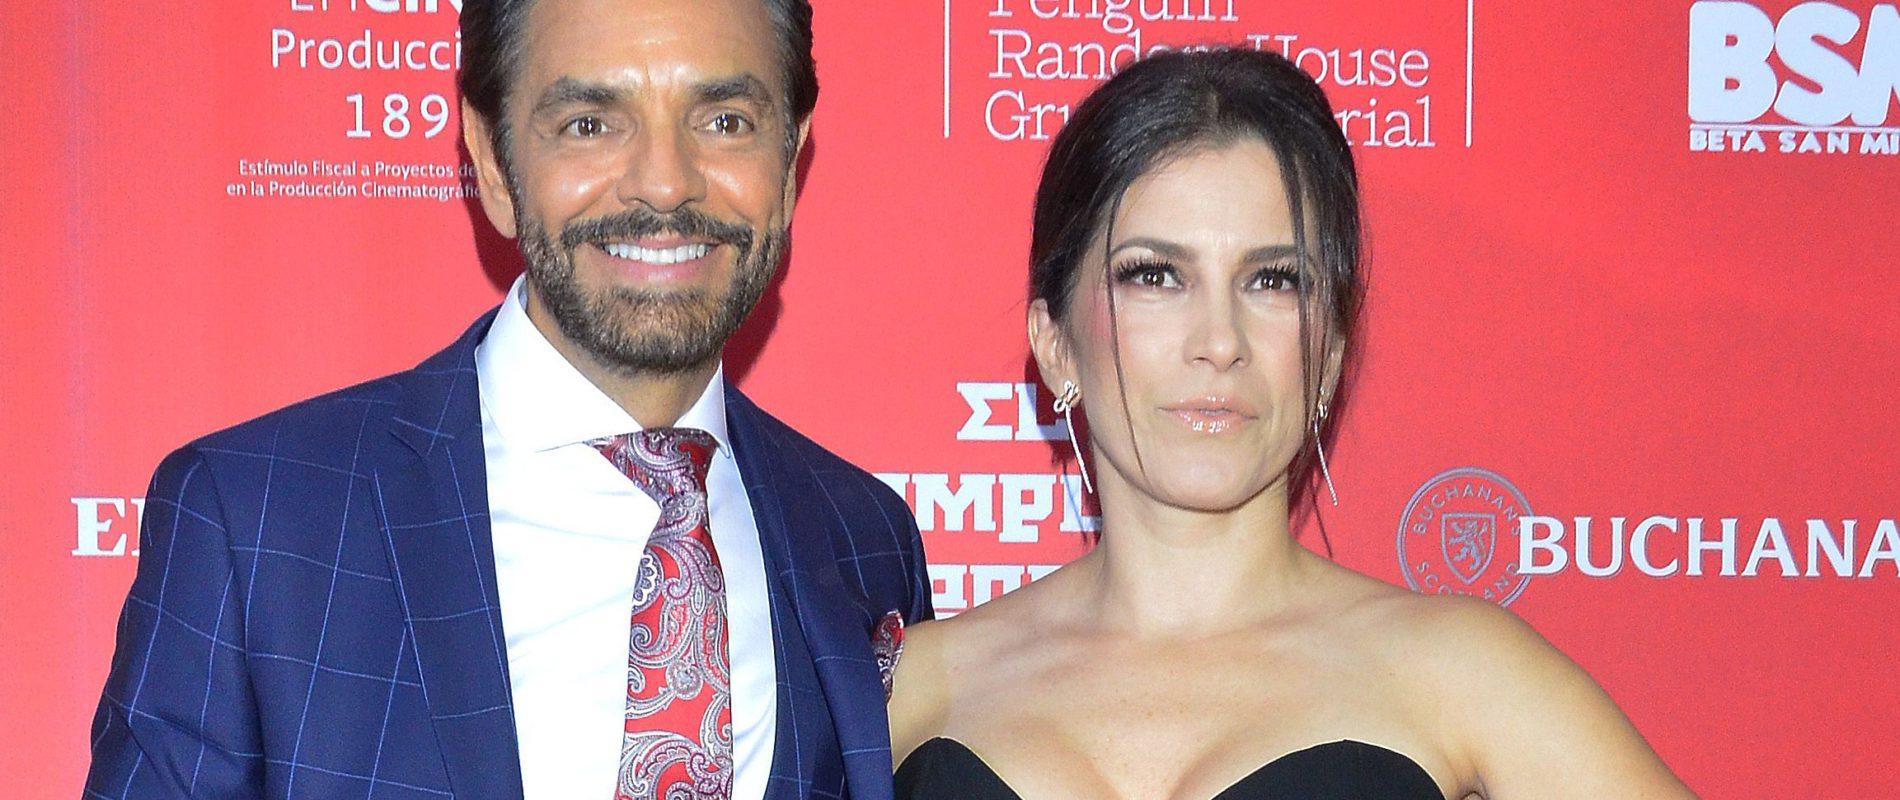 Eugenio Derbez y Alessandra Rosaldo al borde del divorcio: Cada día se aguantan menos